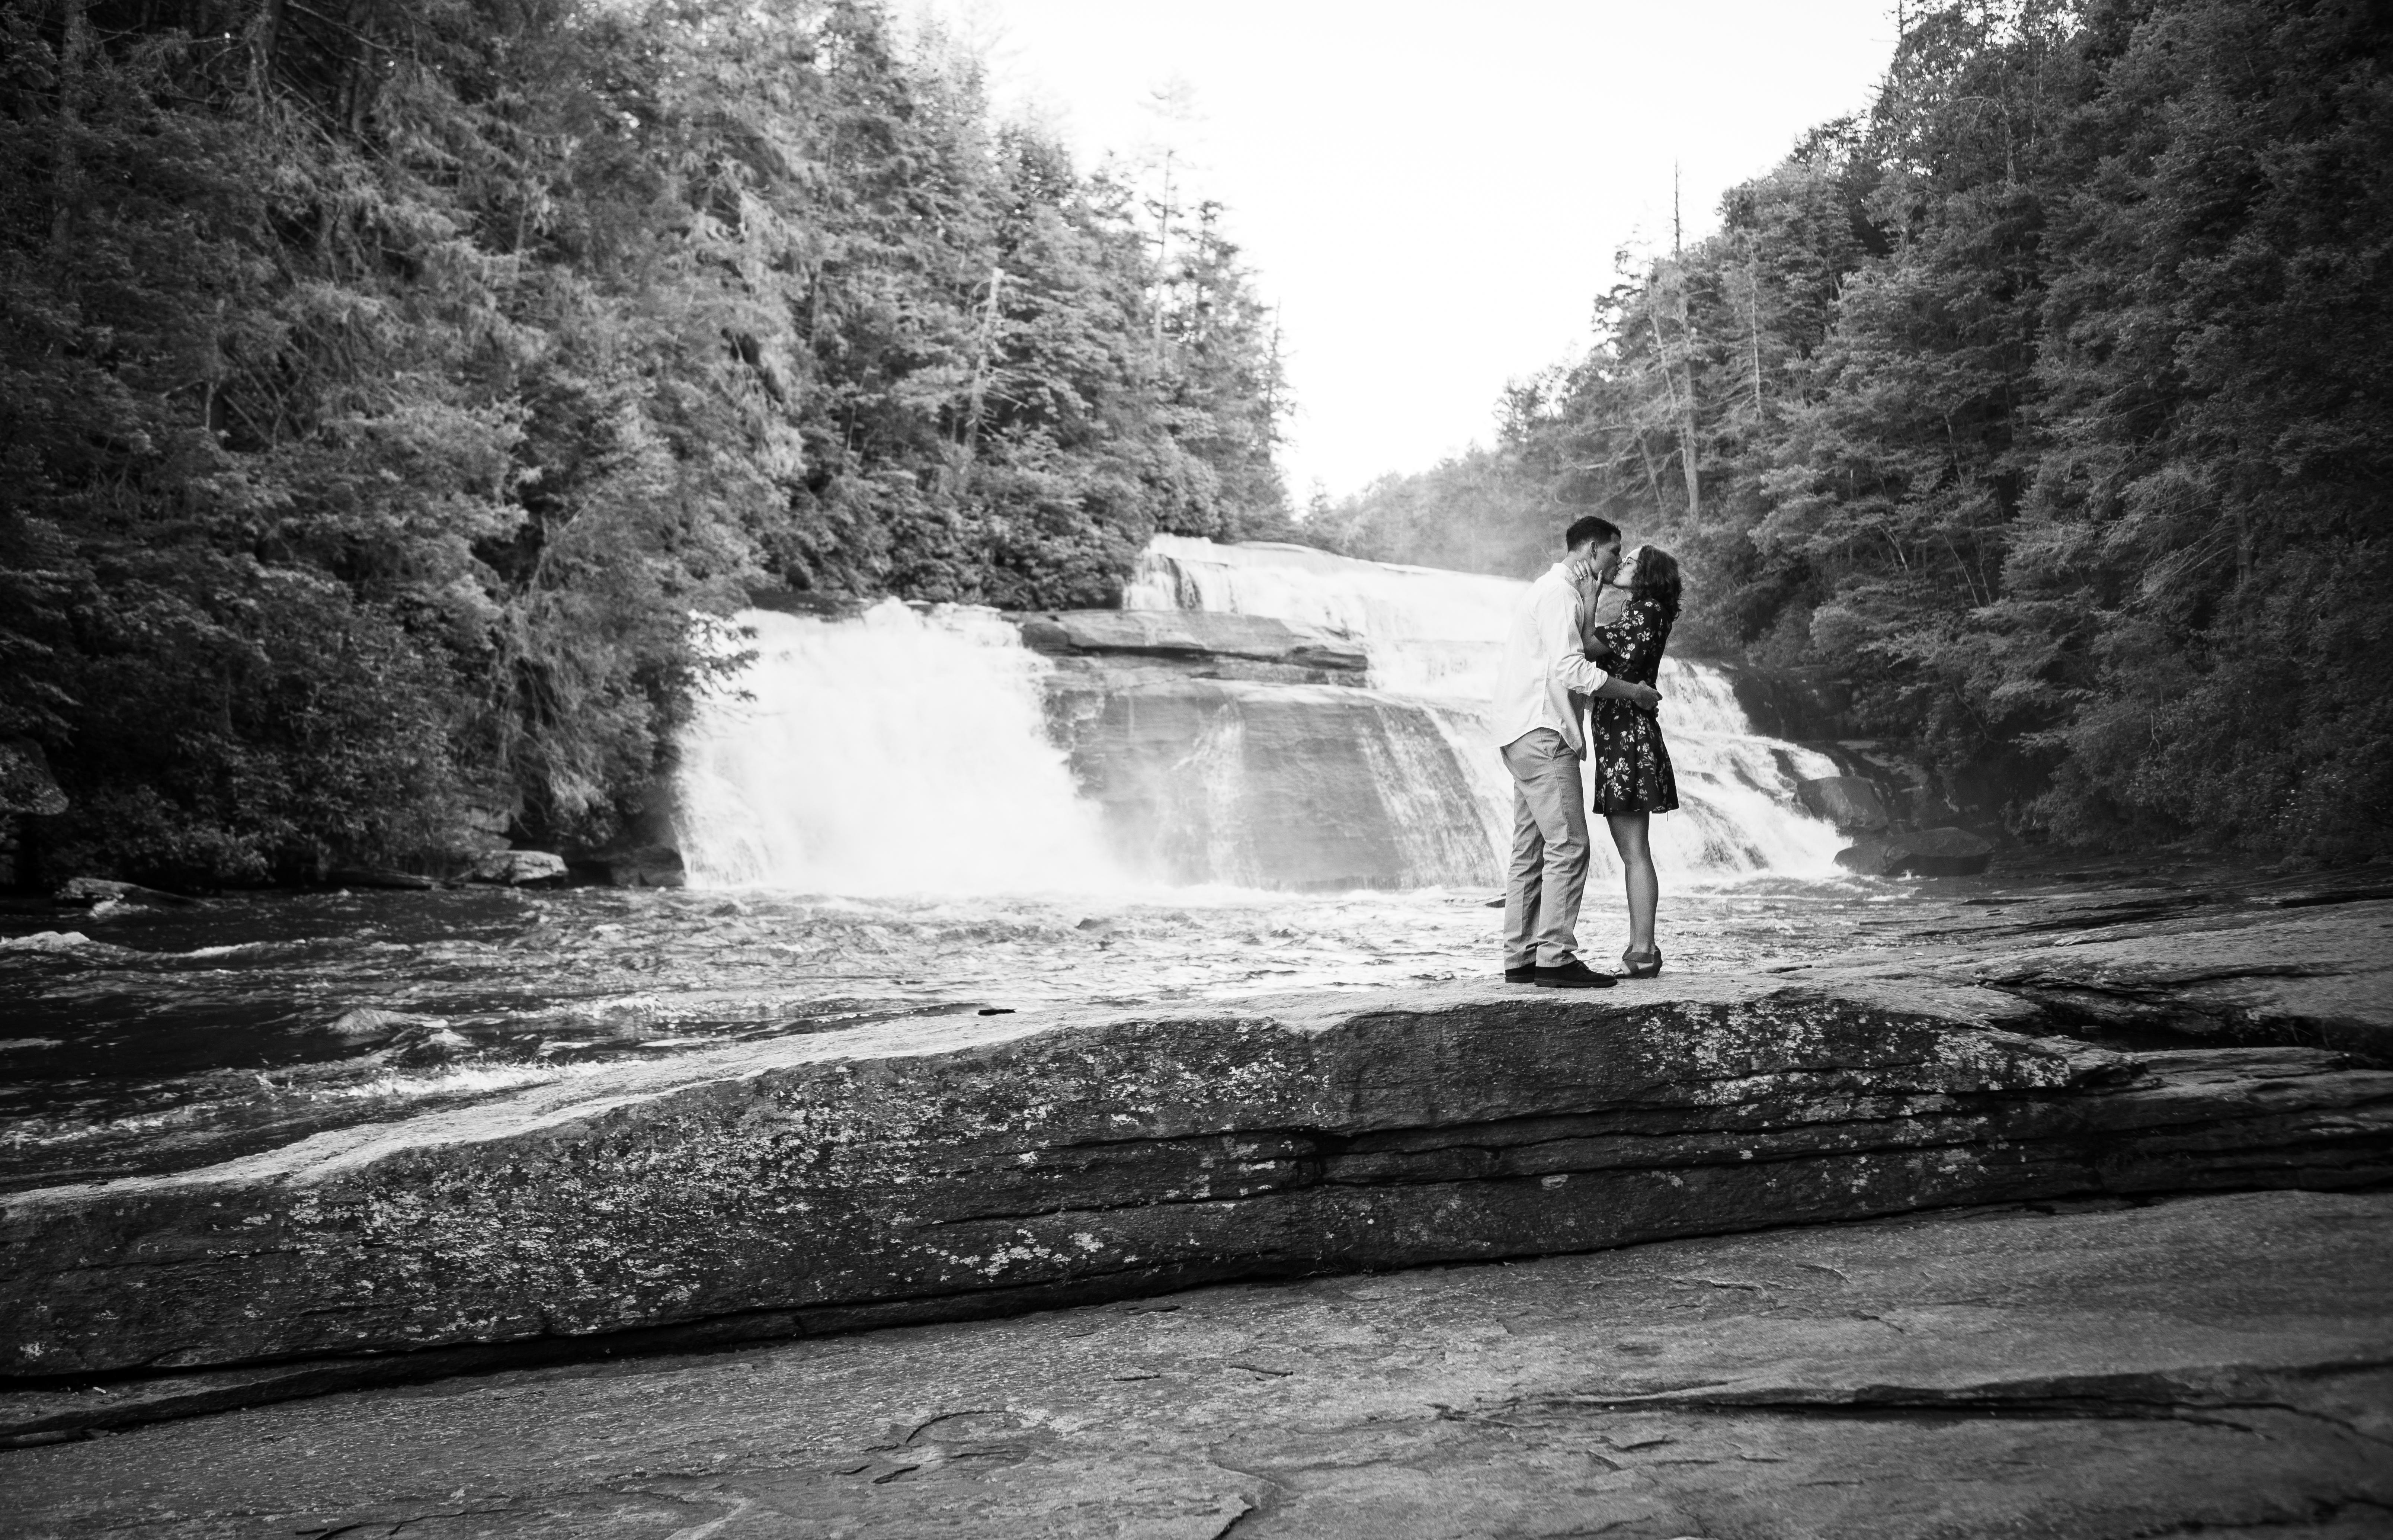 triple falls proposal near asheville